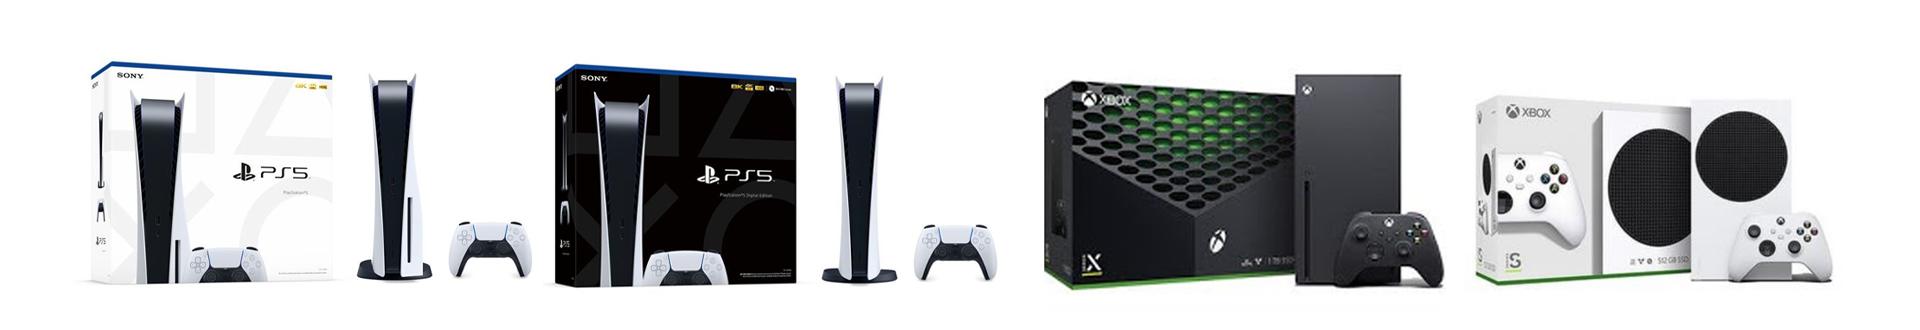 Consoles Next-Gen Rétrocompatibles